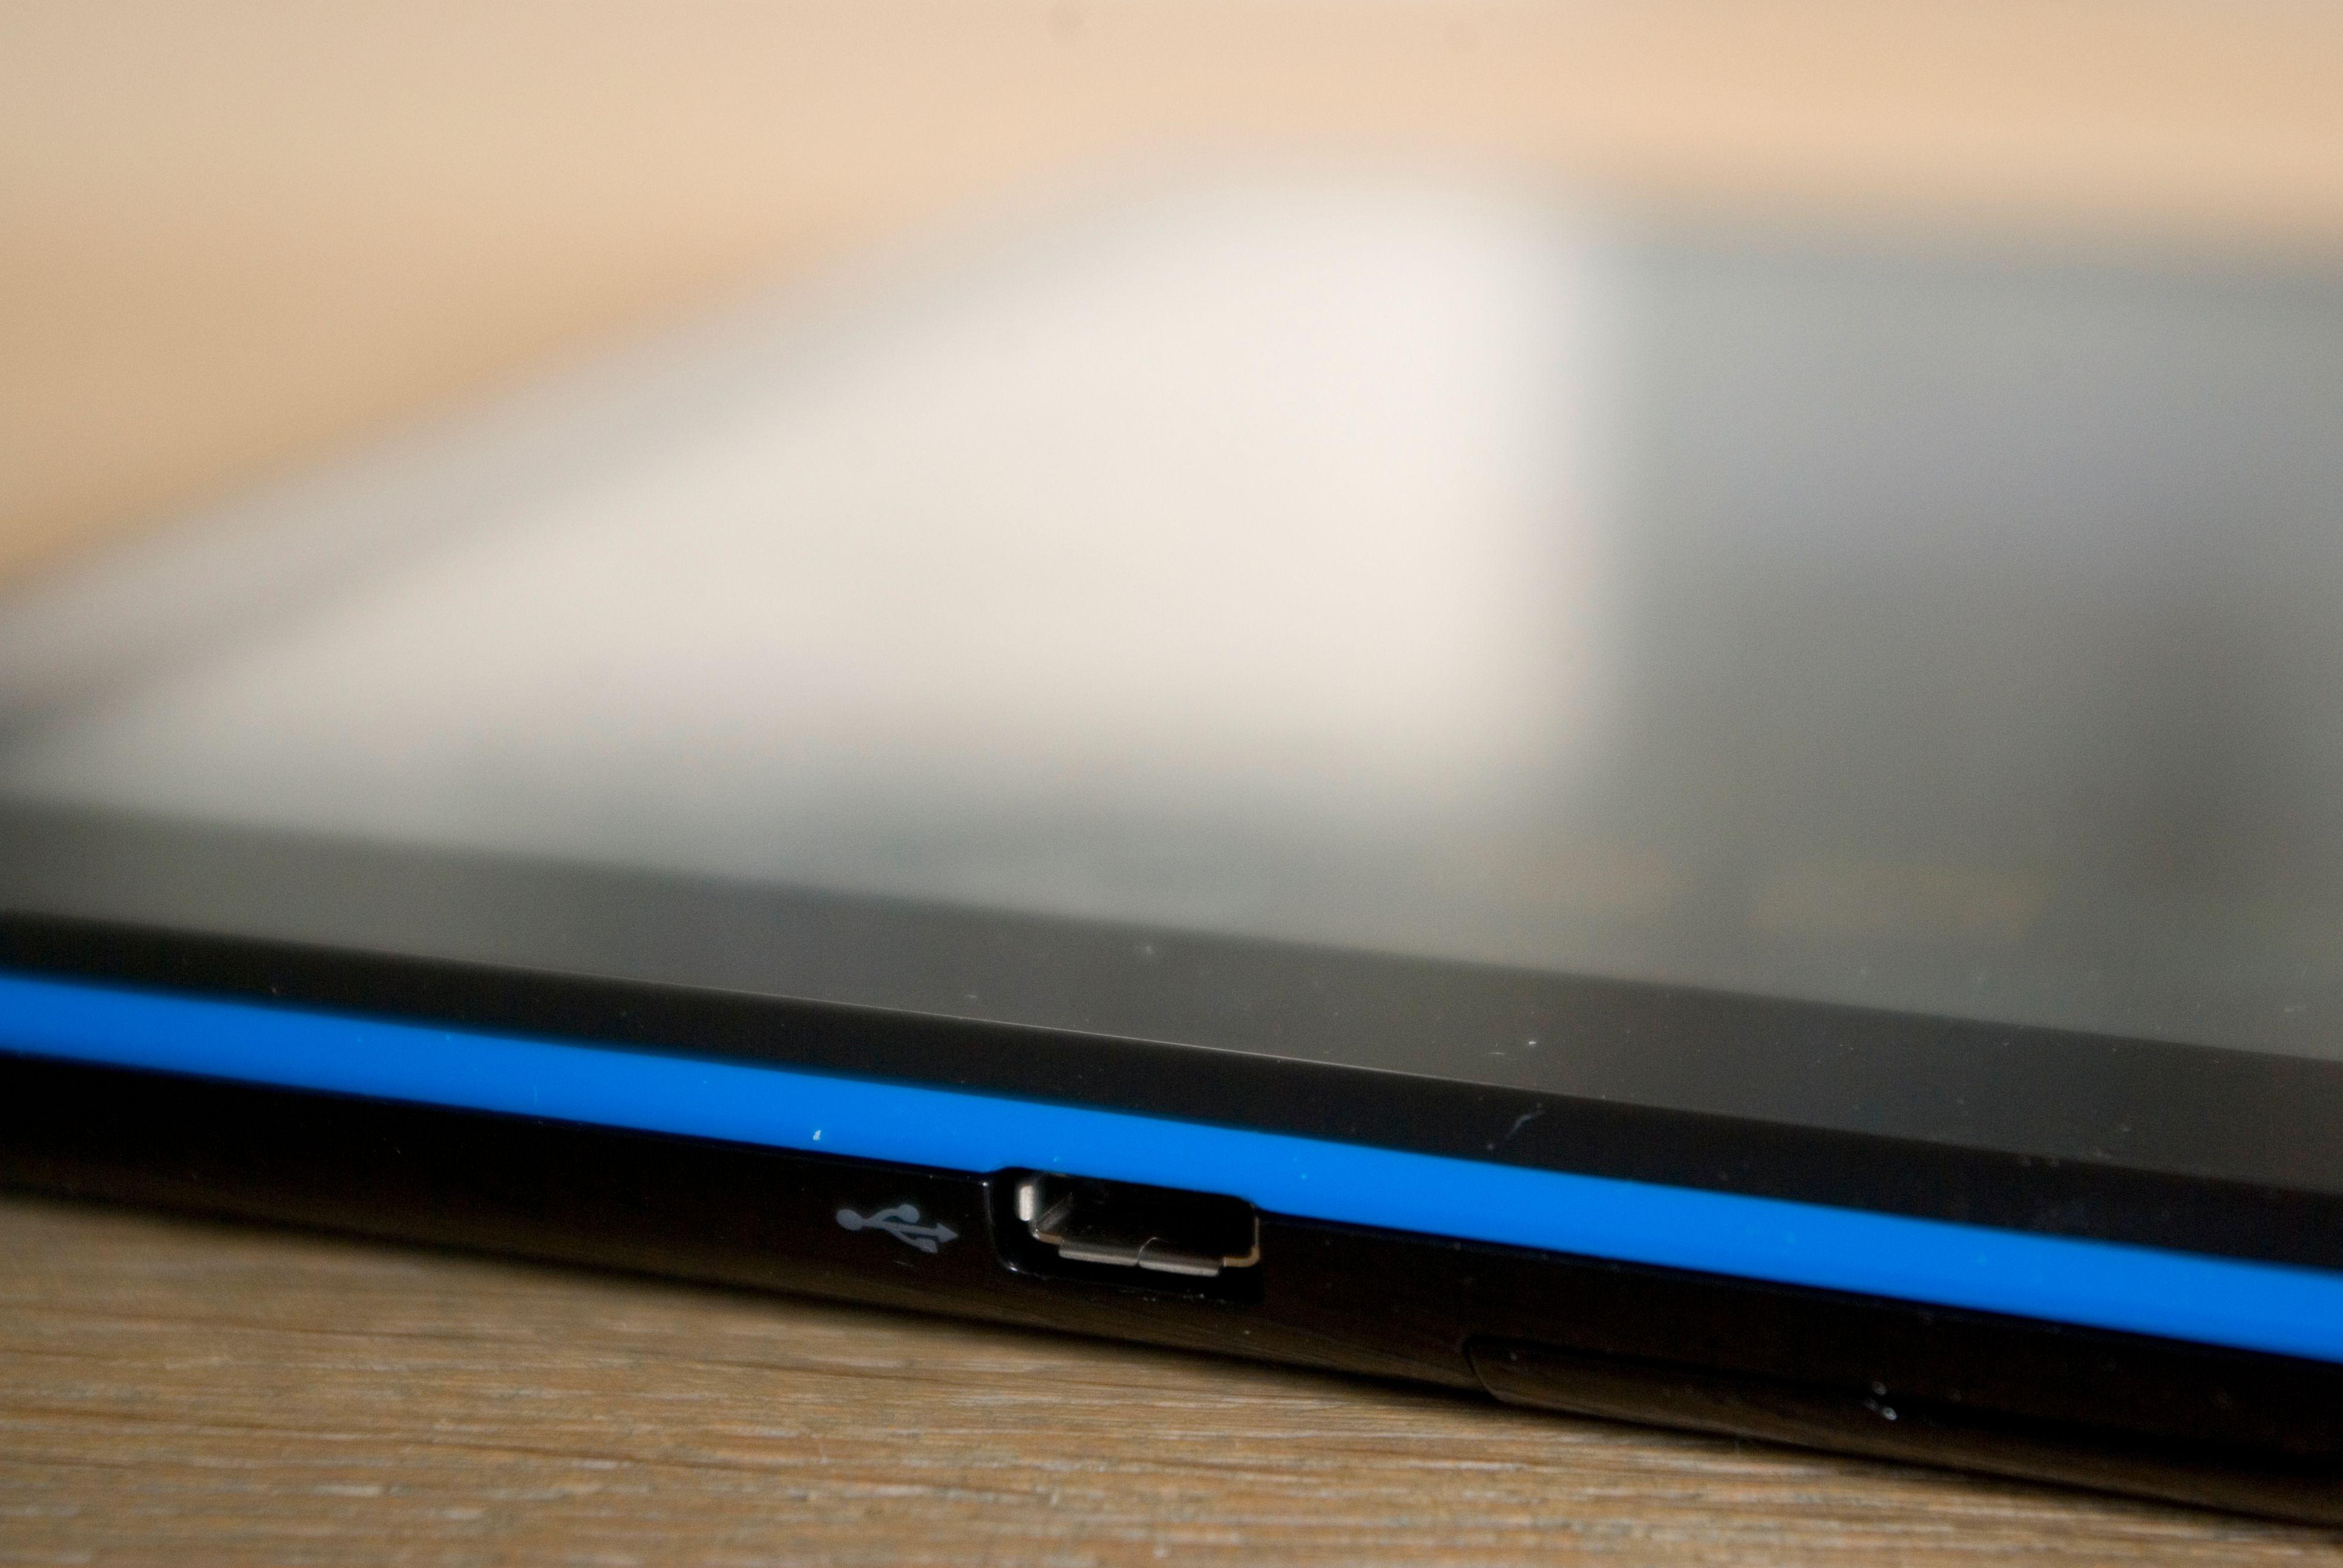 Micro-USB brukes for lading og dataoverføring.Foto: Einar Eriksen